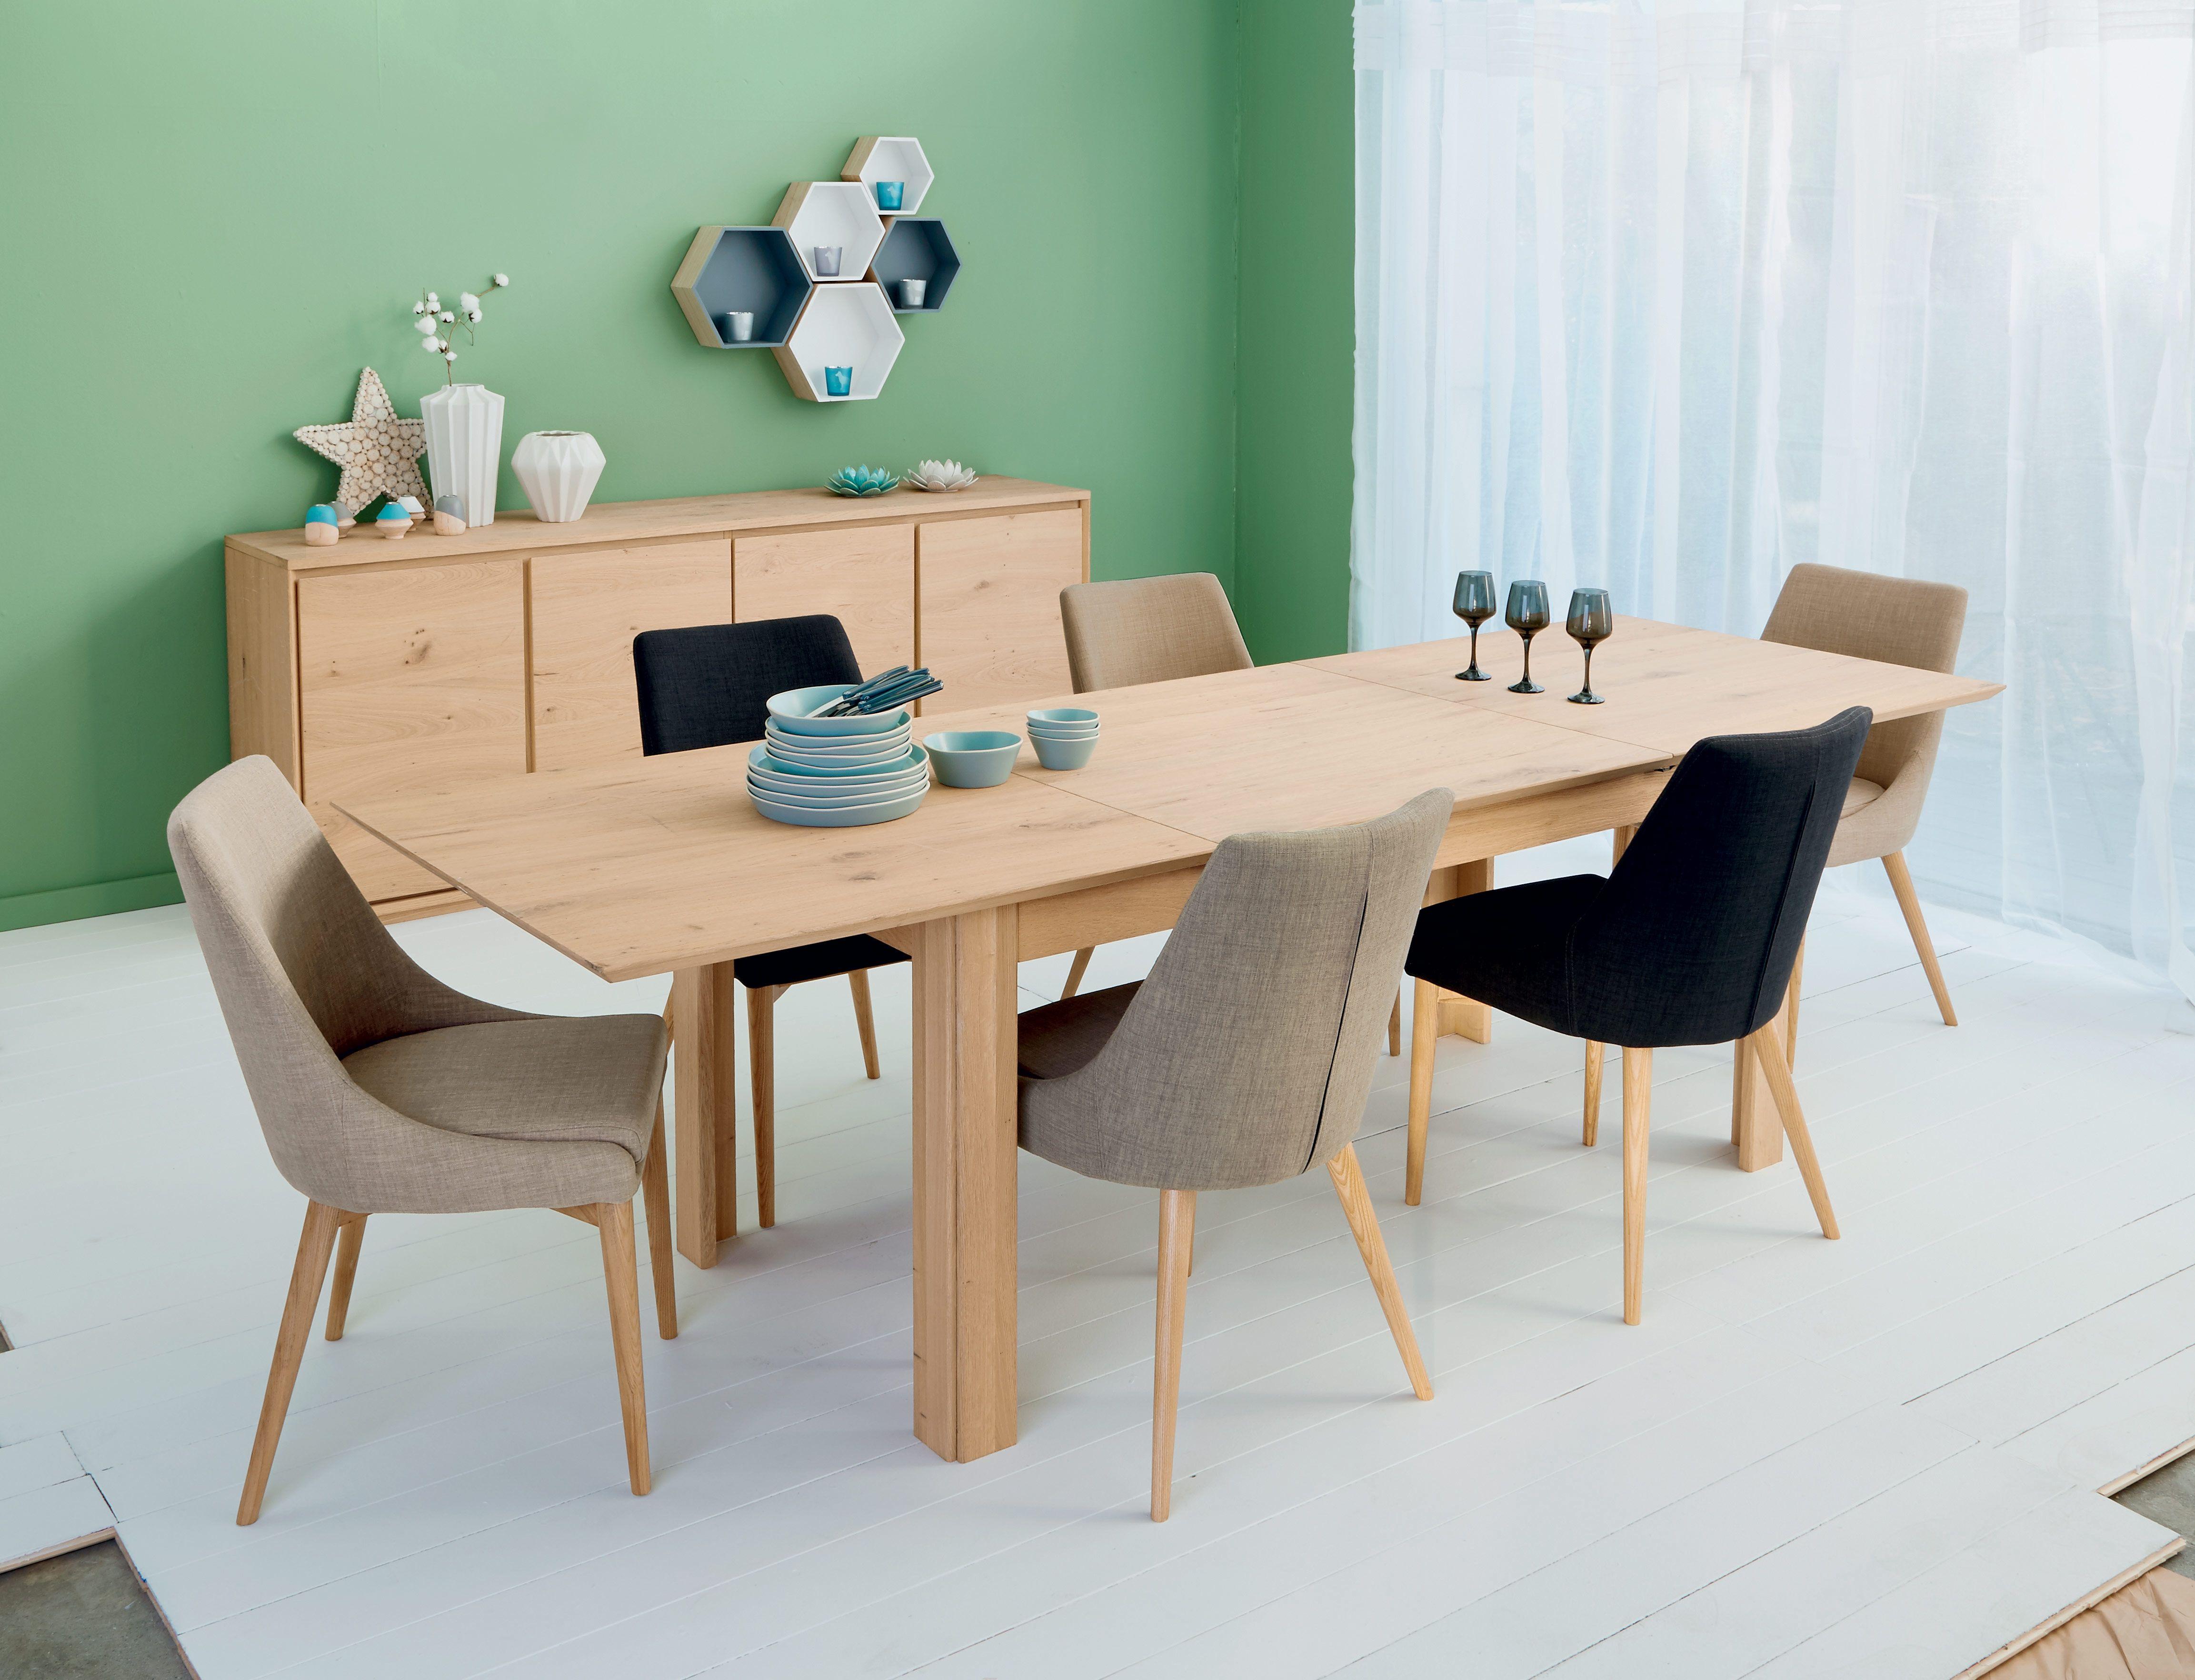 Stockholm Table En Chene Decoration Deco Maison Alinea Table Salle A Manger Mobilier De Salon Meuble Deco